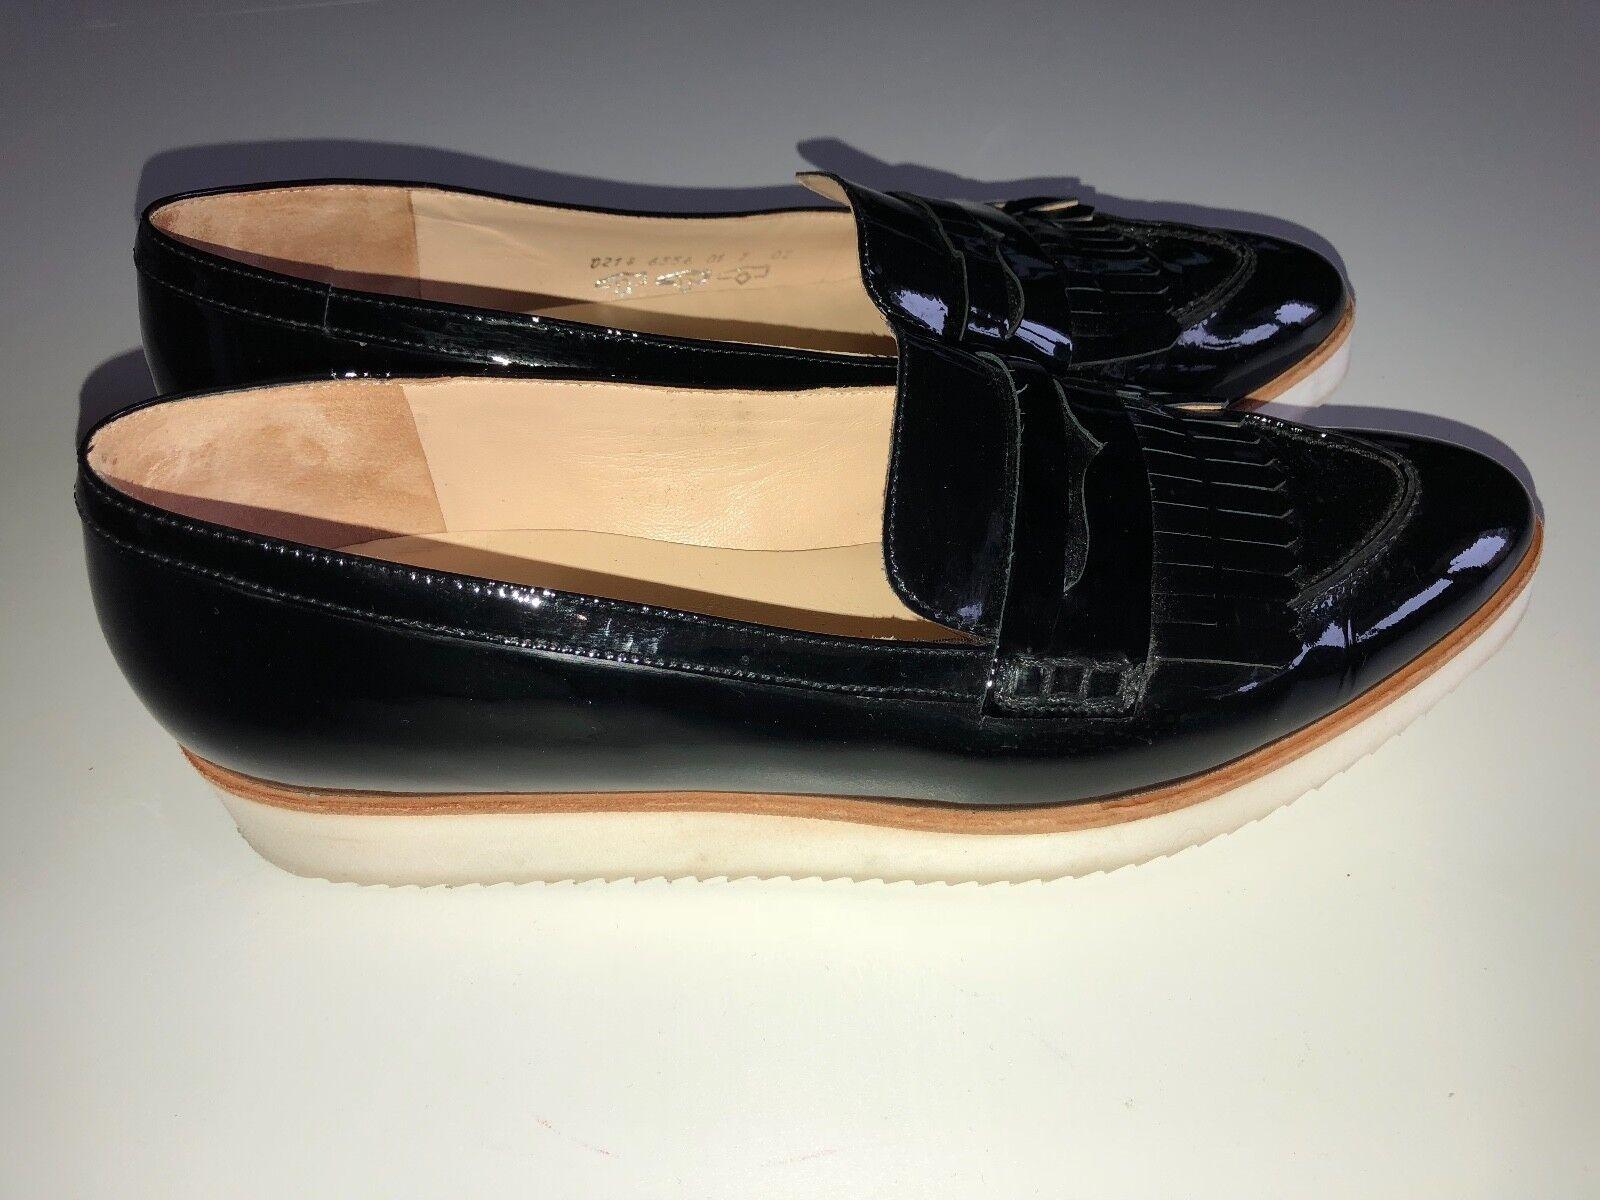 ❤️ HÖGL ❤️ 7 Schuhe Loafer Slipper Lack Schwarz Gr. 7 ❤️ 41 ❤️ 635a70